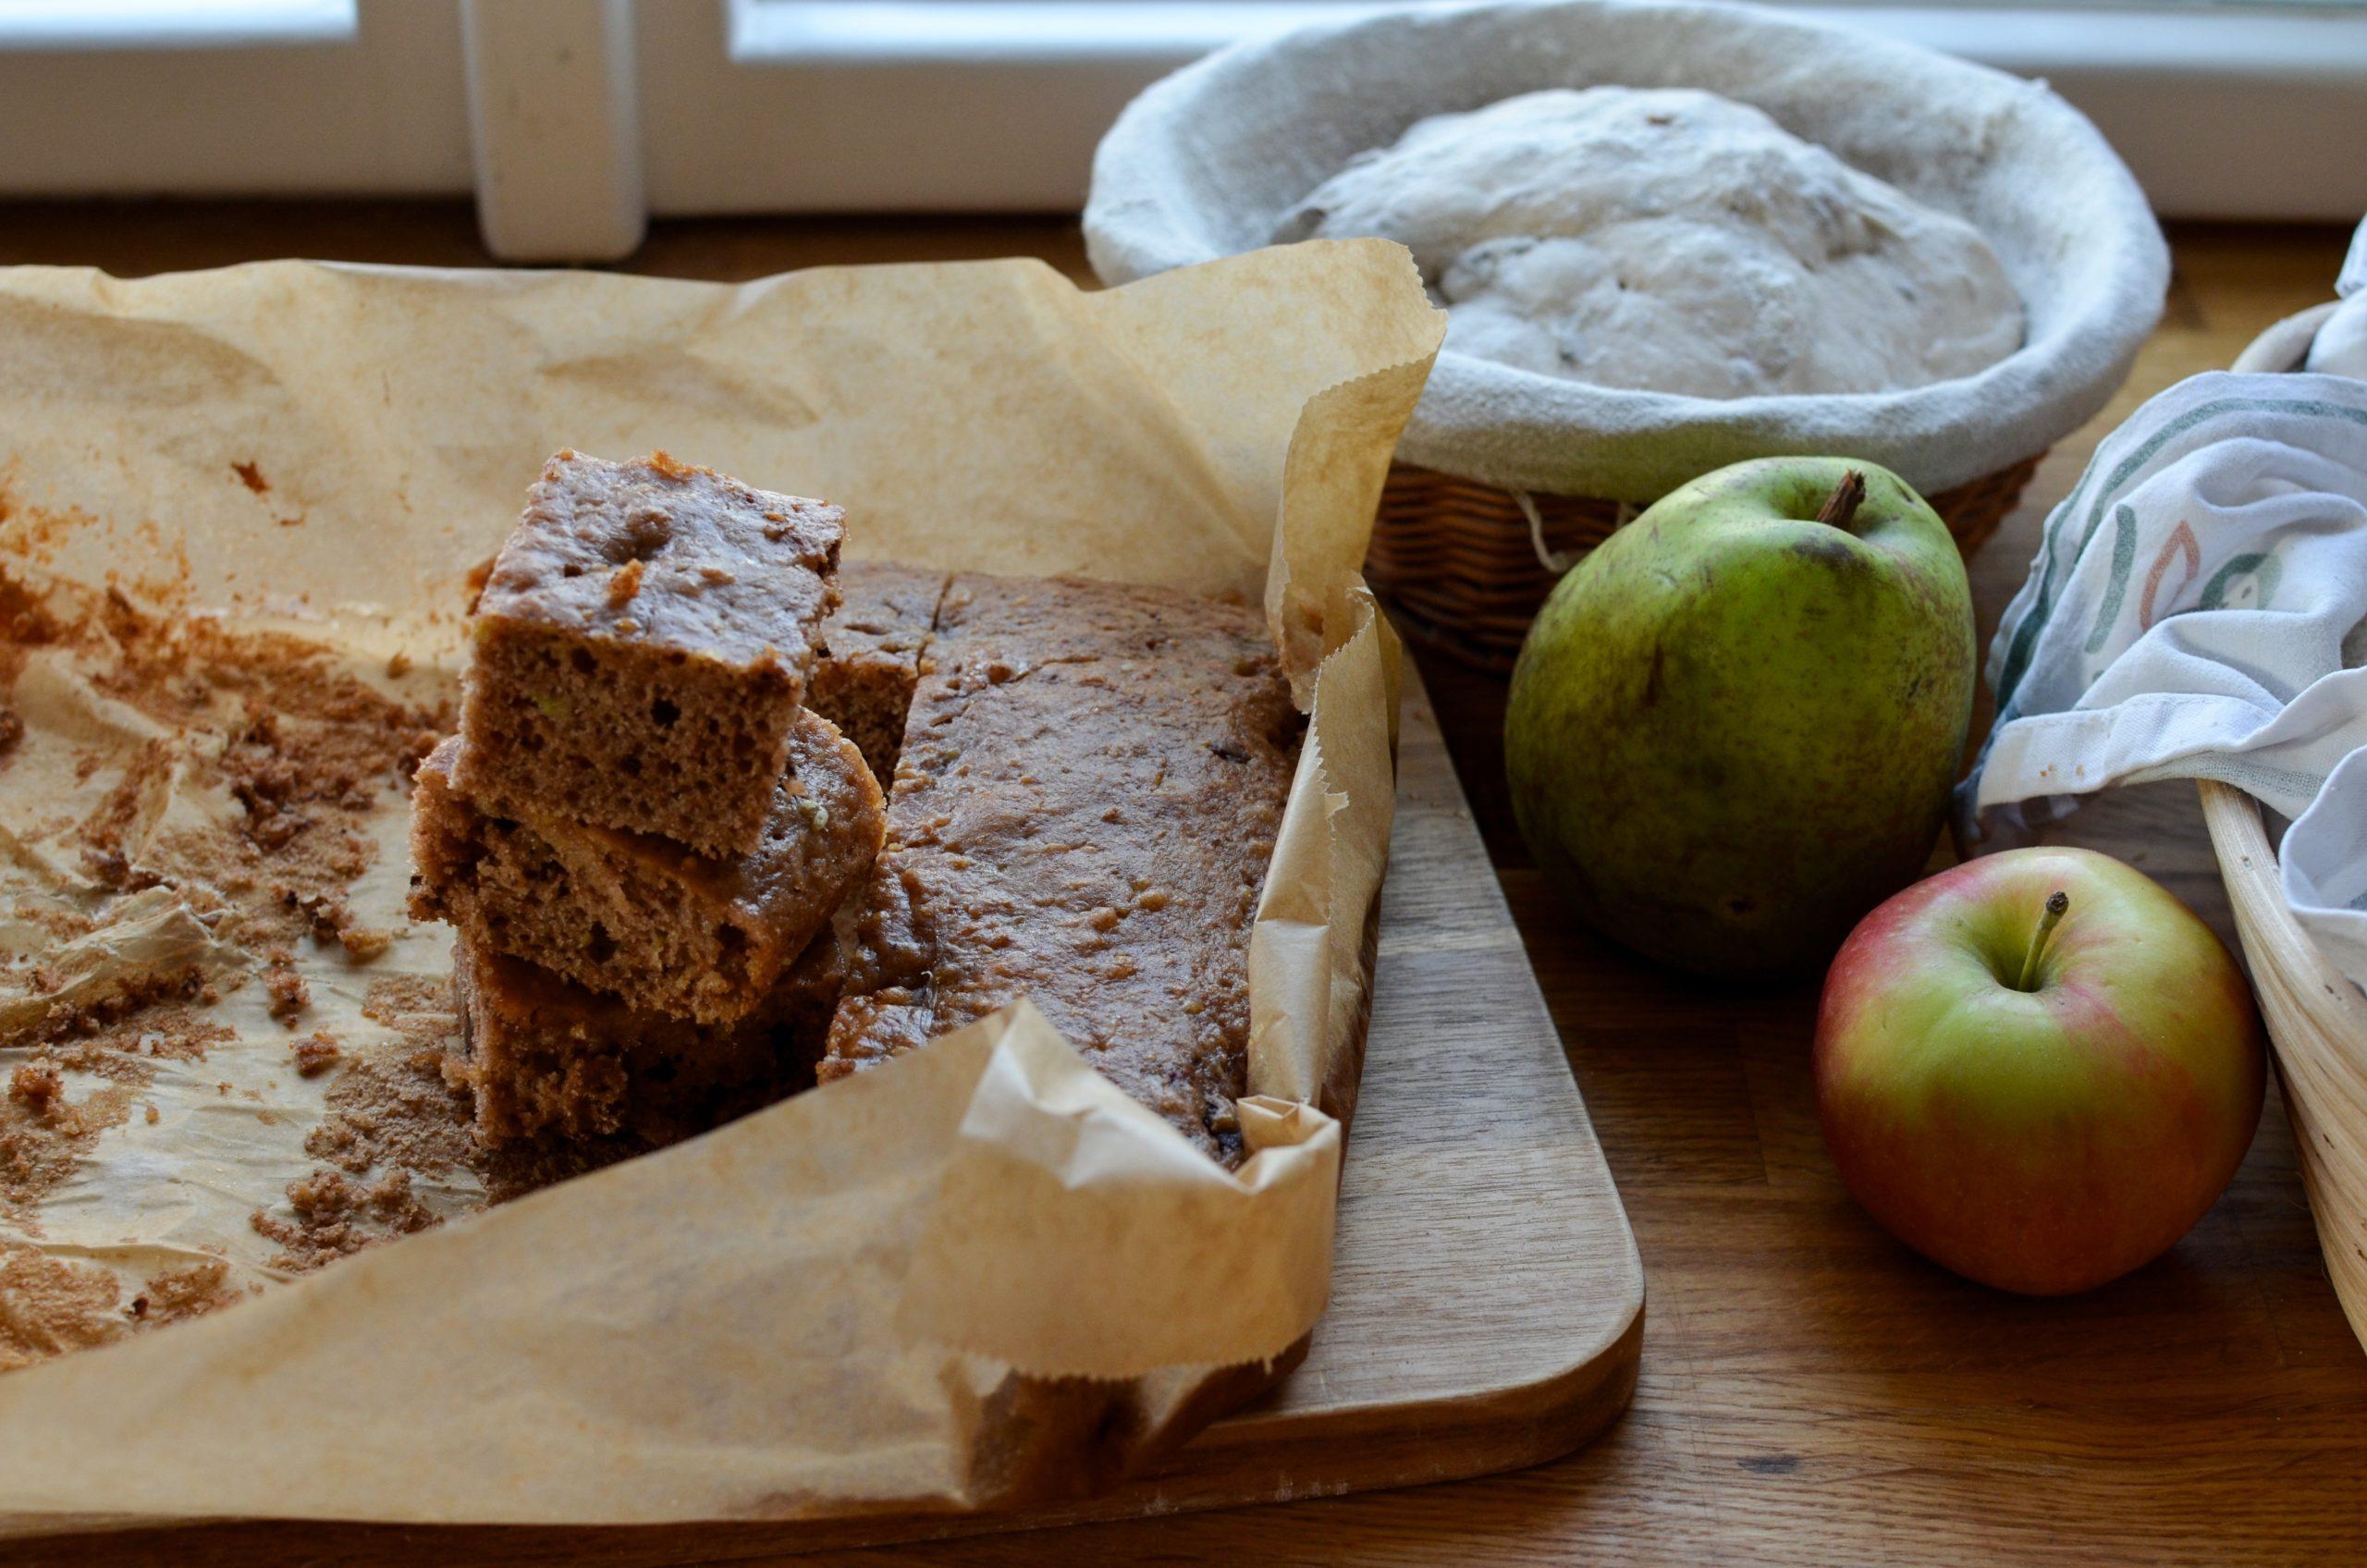 Velevláčný jablečný koláč či perník